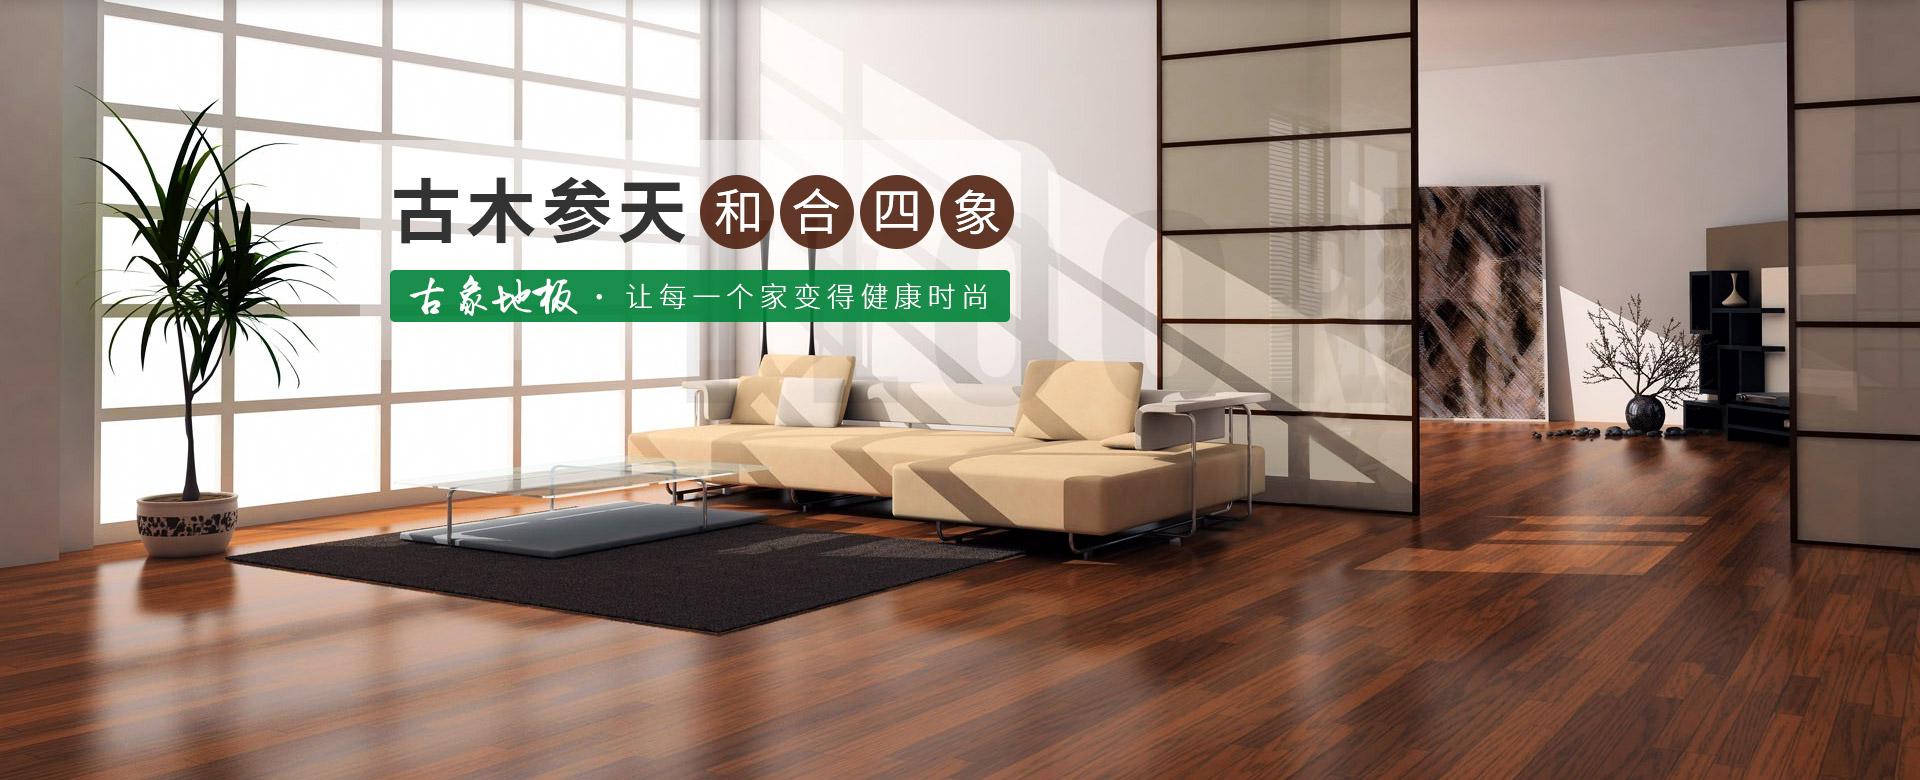 古象地板,让每一个家变得健康时尚